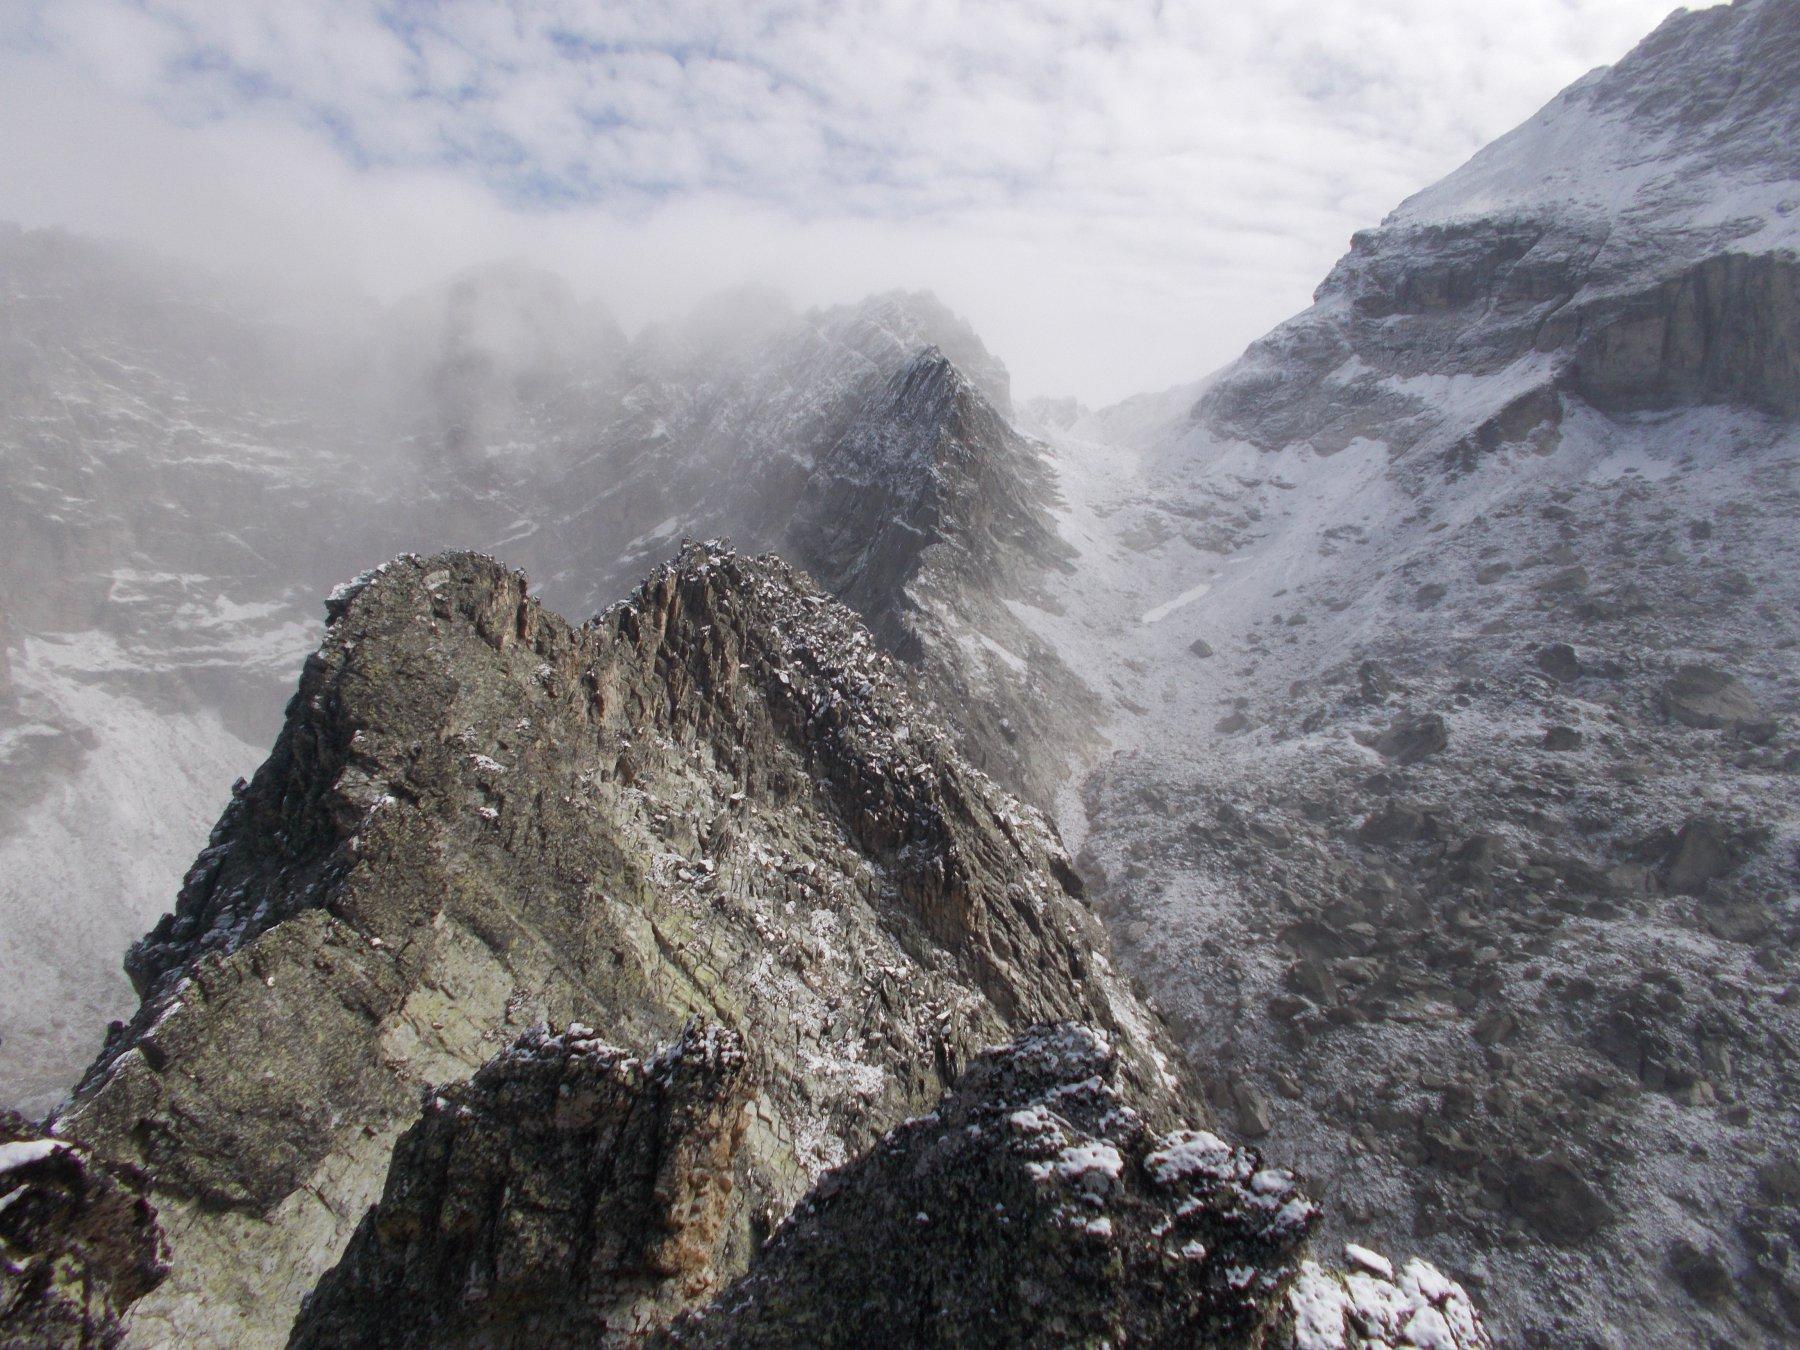 dalla cima ovest del Mezzodi, la est in primo piano e al fondo al centro il Colle della Rognosa..